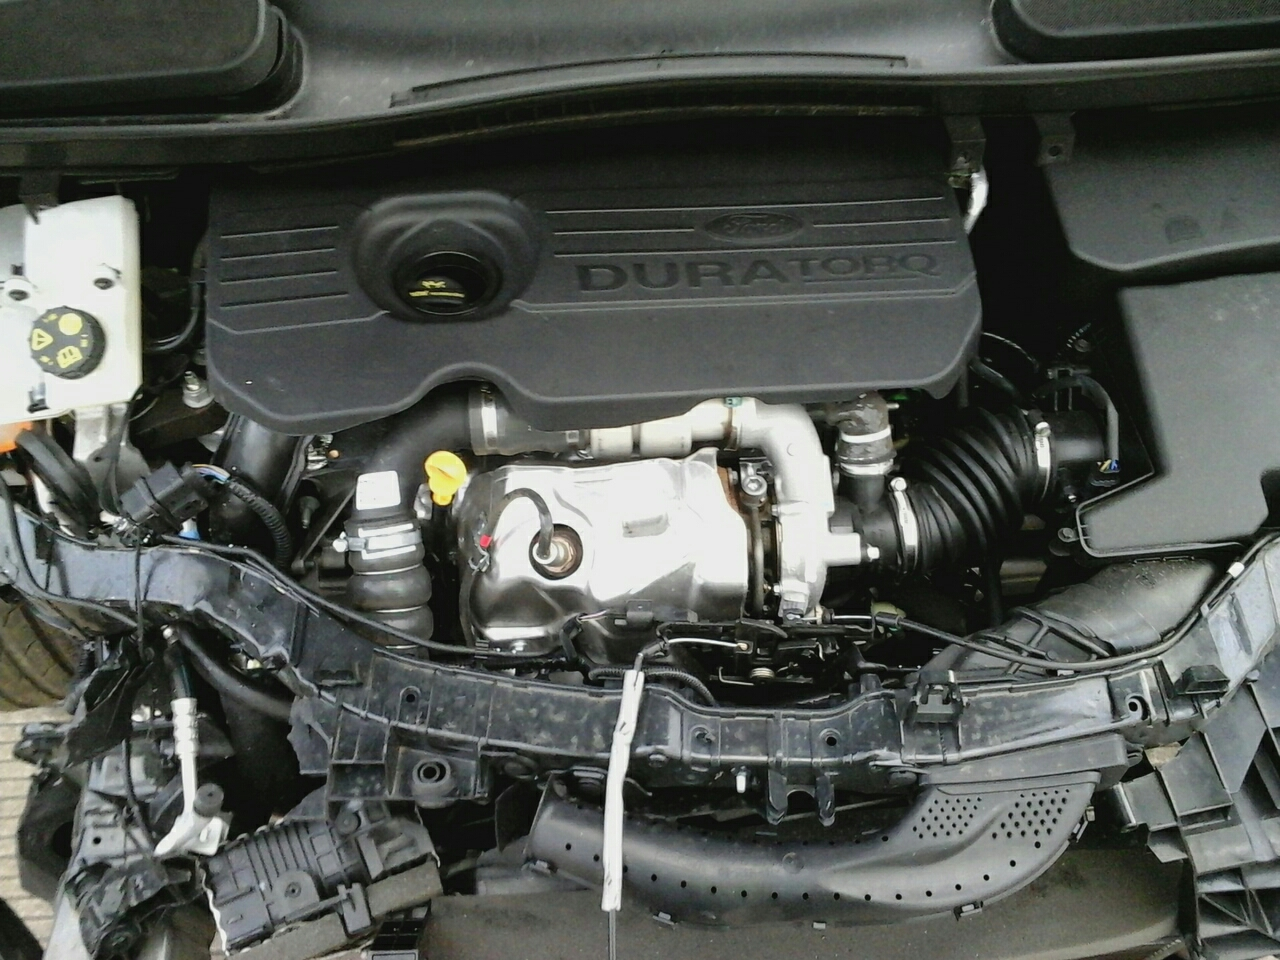 e1f75d4f 1443 4484 8bf4 105d72f2534e_7224654 2017 ford transit connect 2013 on van l side (diesel manual